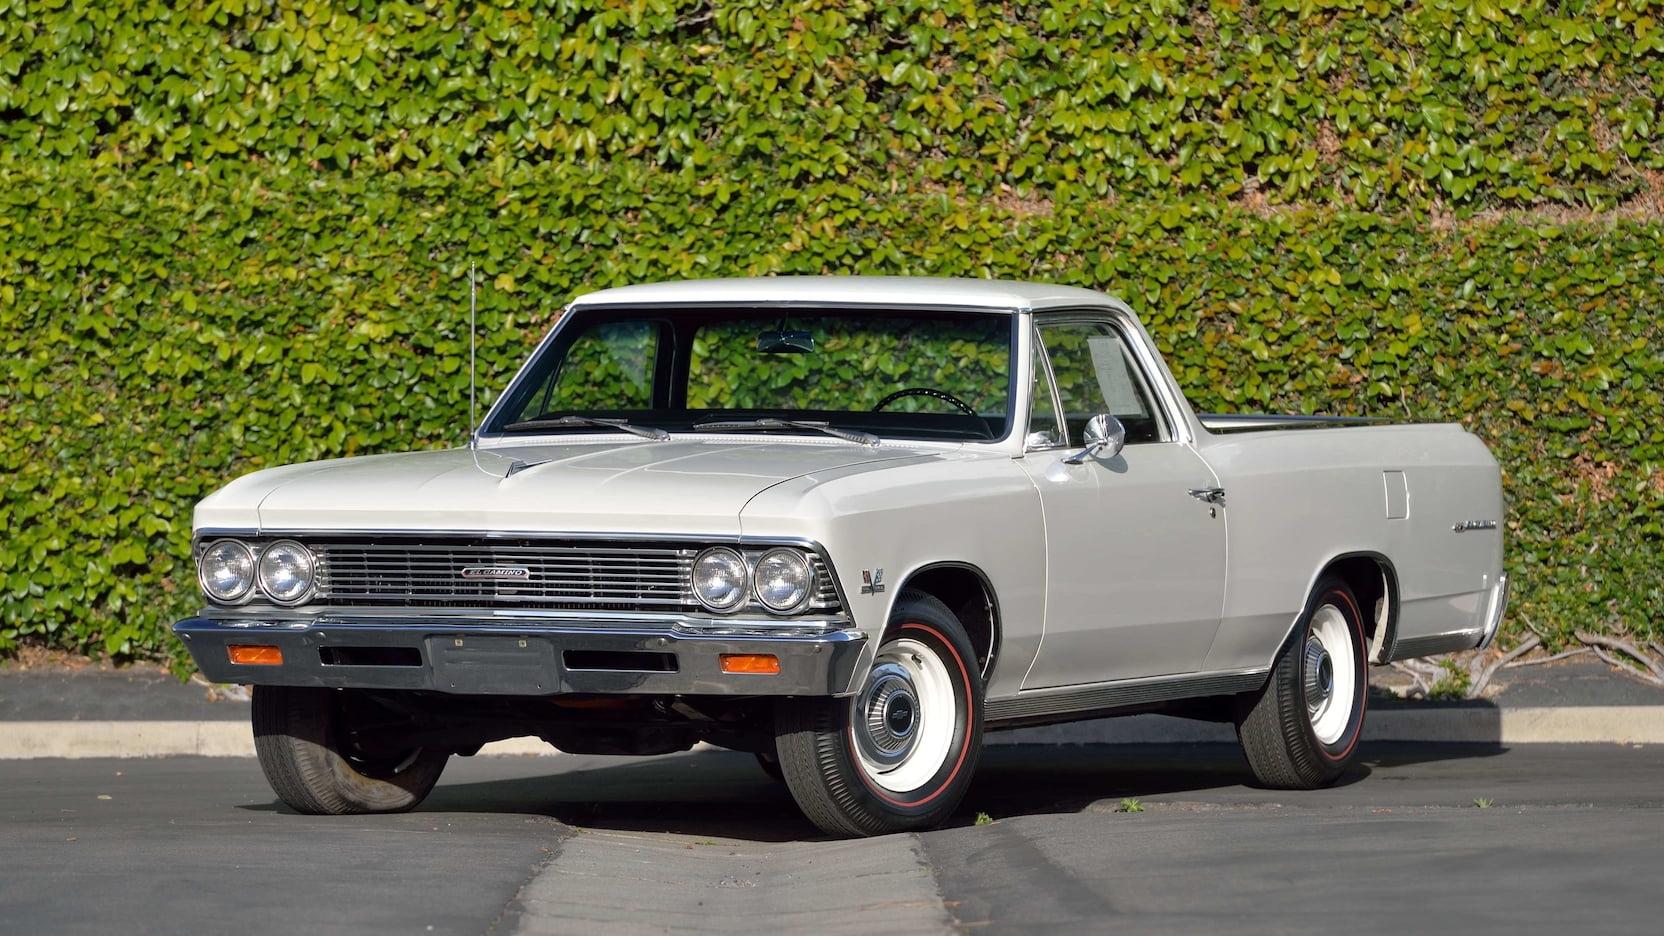 1966 Chevrolet El Camino 3/4 front